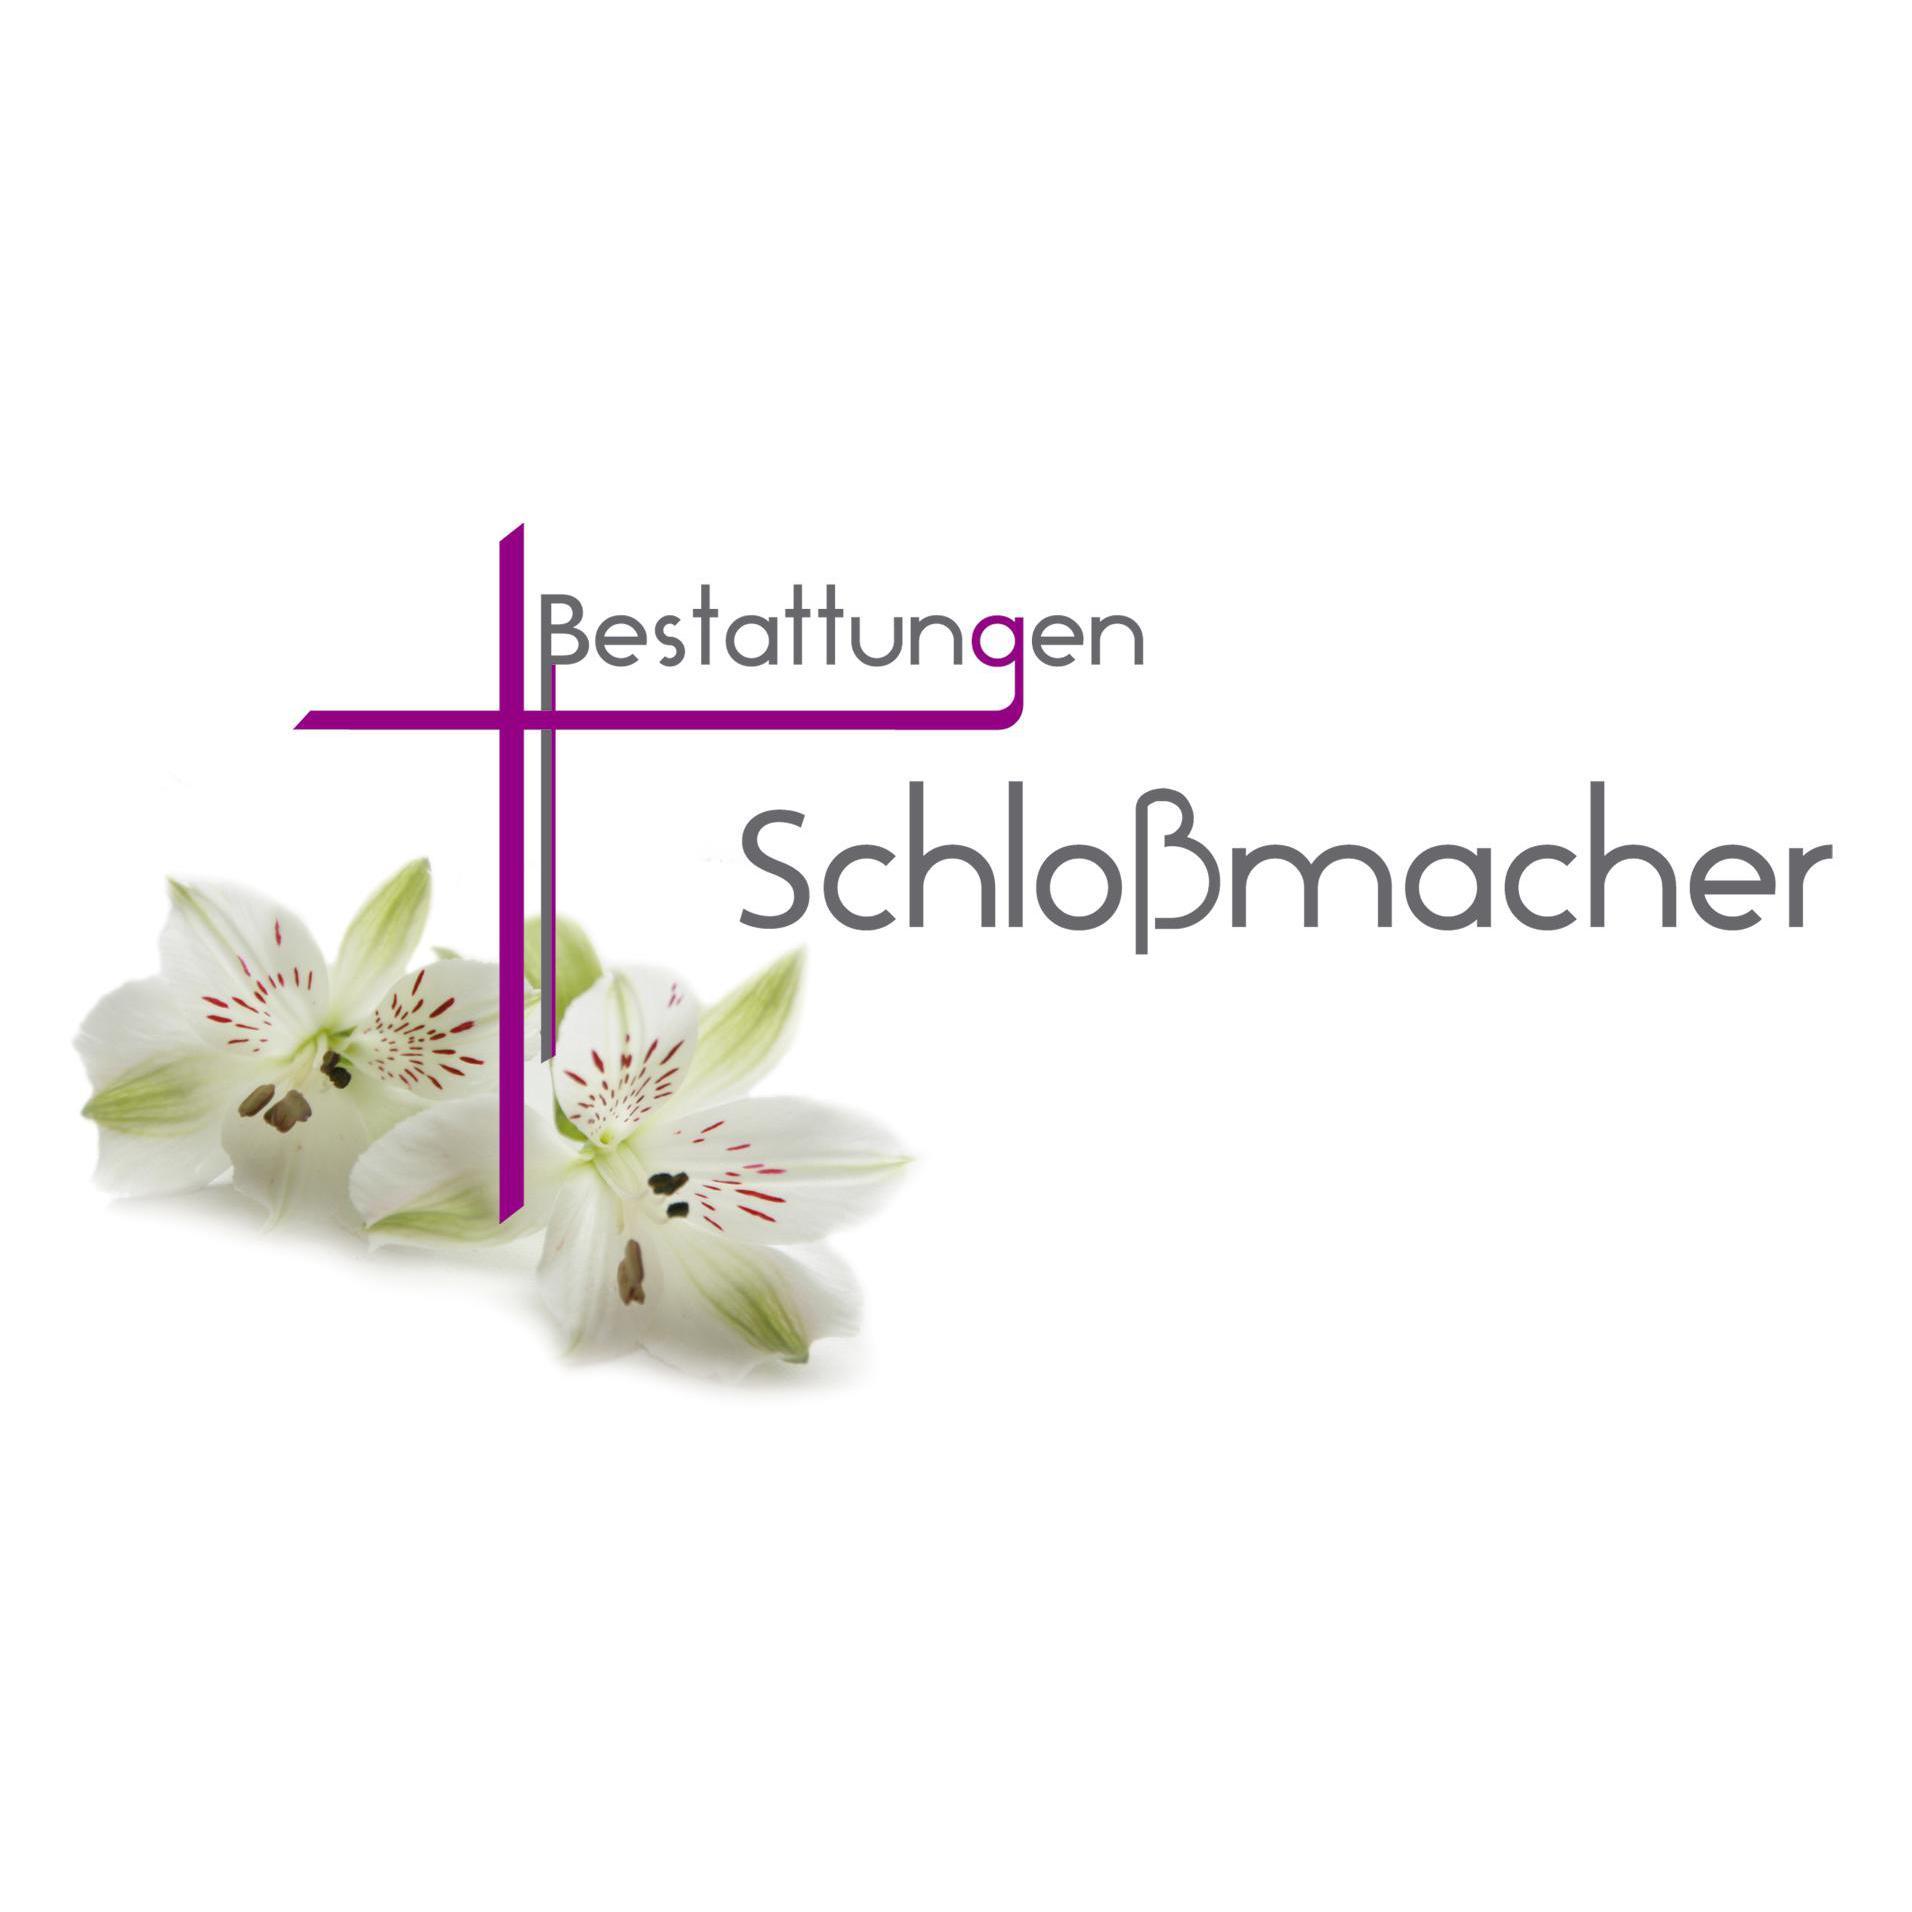 Bild zu Bestattungen Schloßmacher GbR in Ratingen